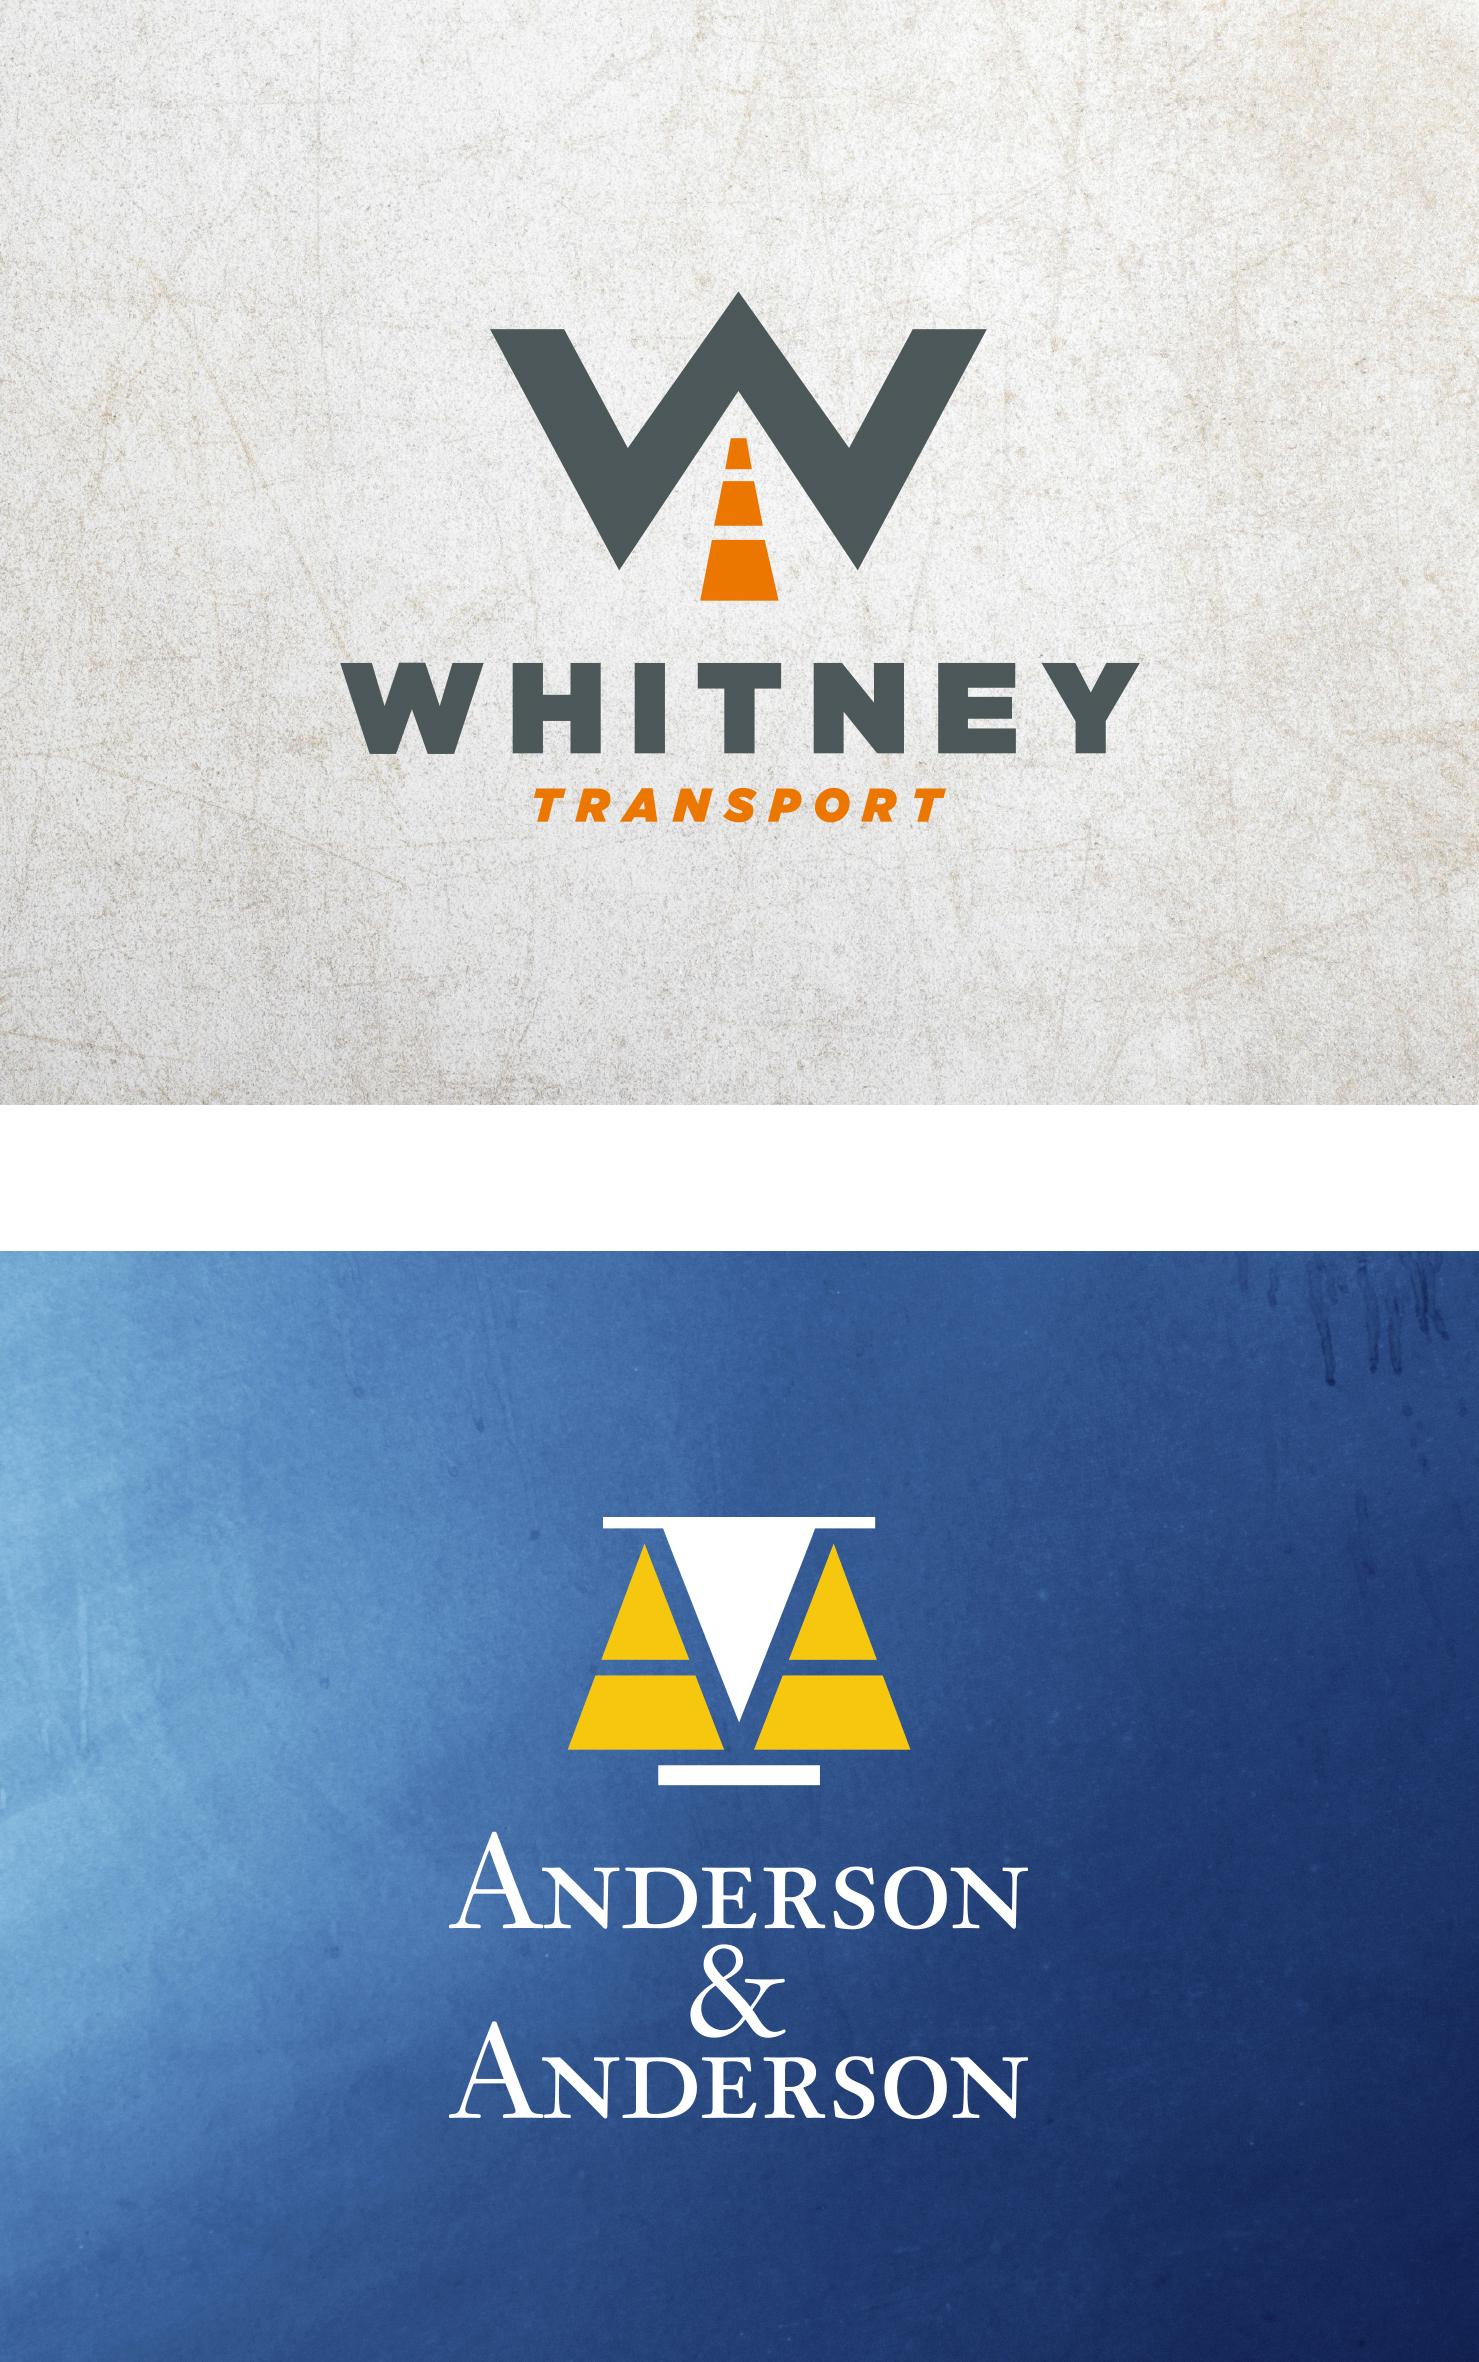 Logo-Design-Images_2019_Verticals_WhitTransAnderson.jpg